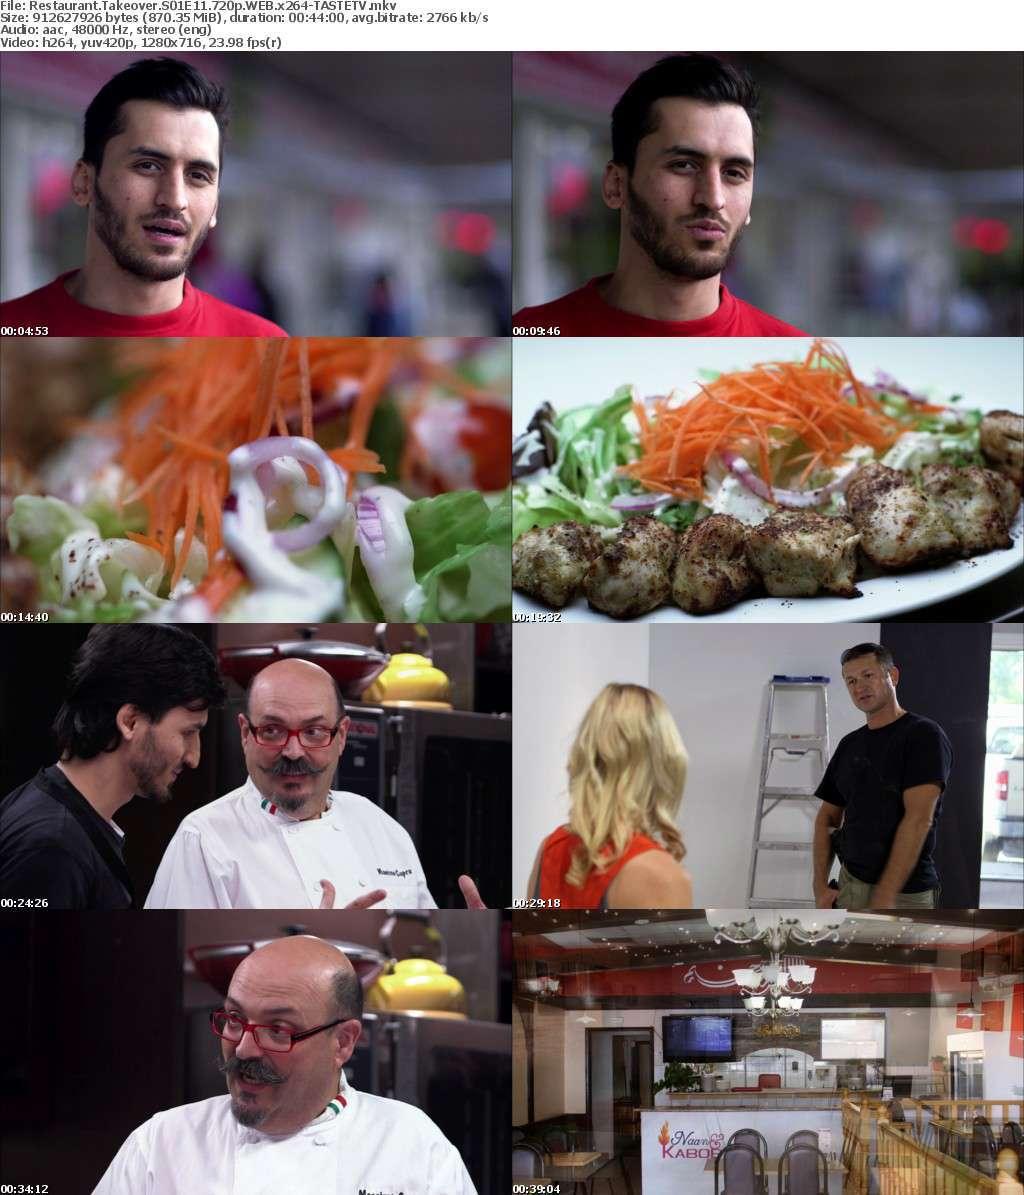 Restaurant Takeover S01E11 720p WEB x264-TASTETV